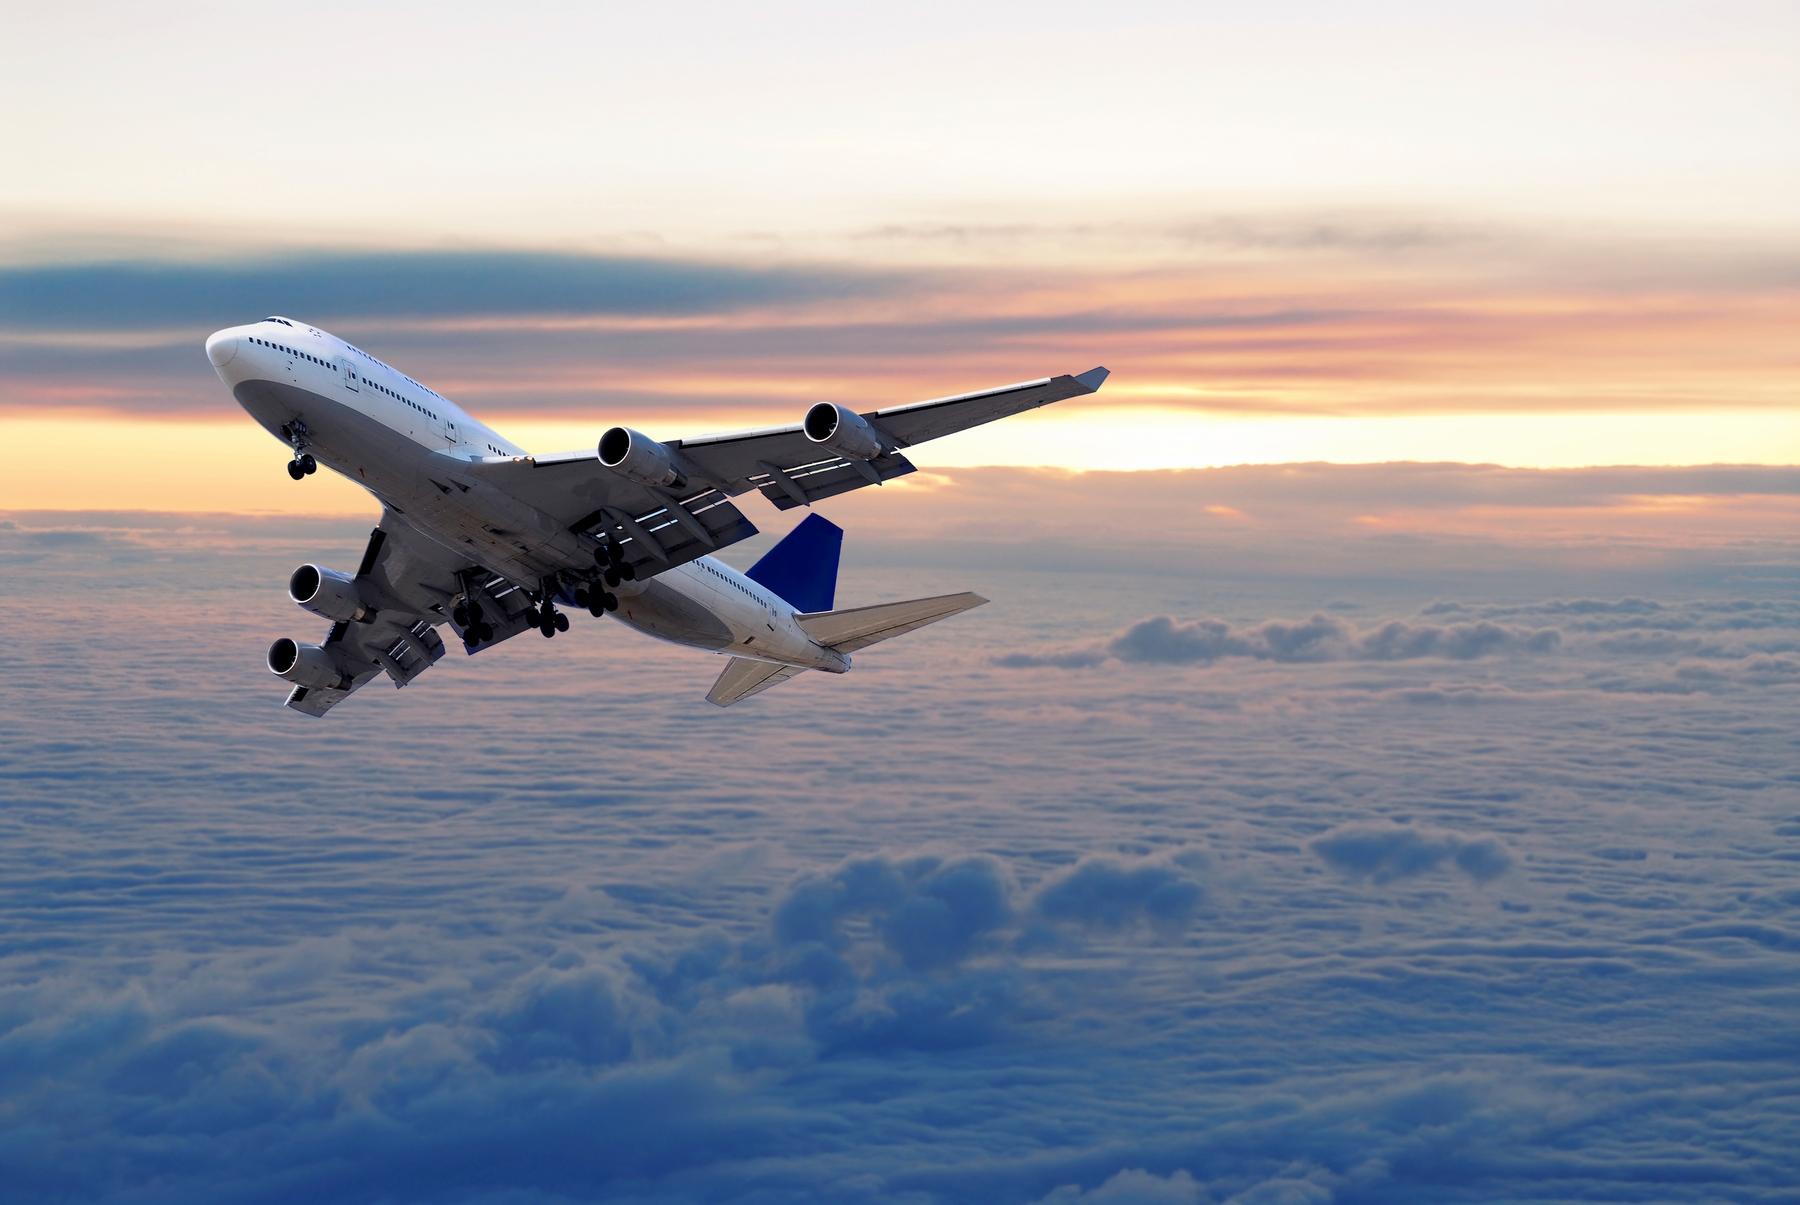 Aeroplan taking off at sunset